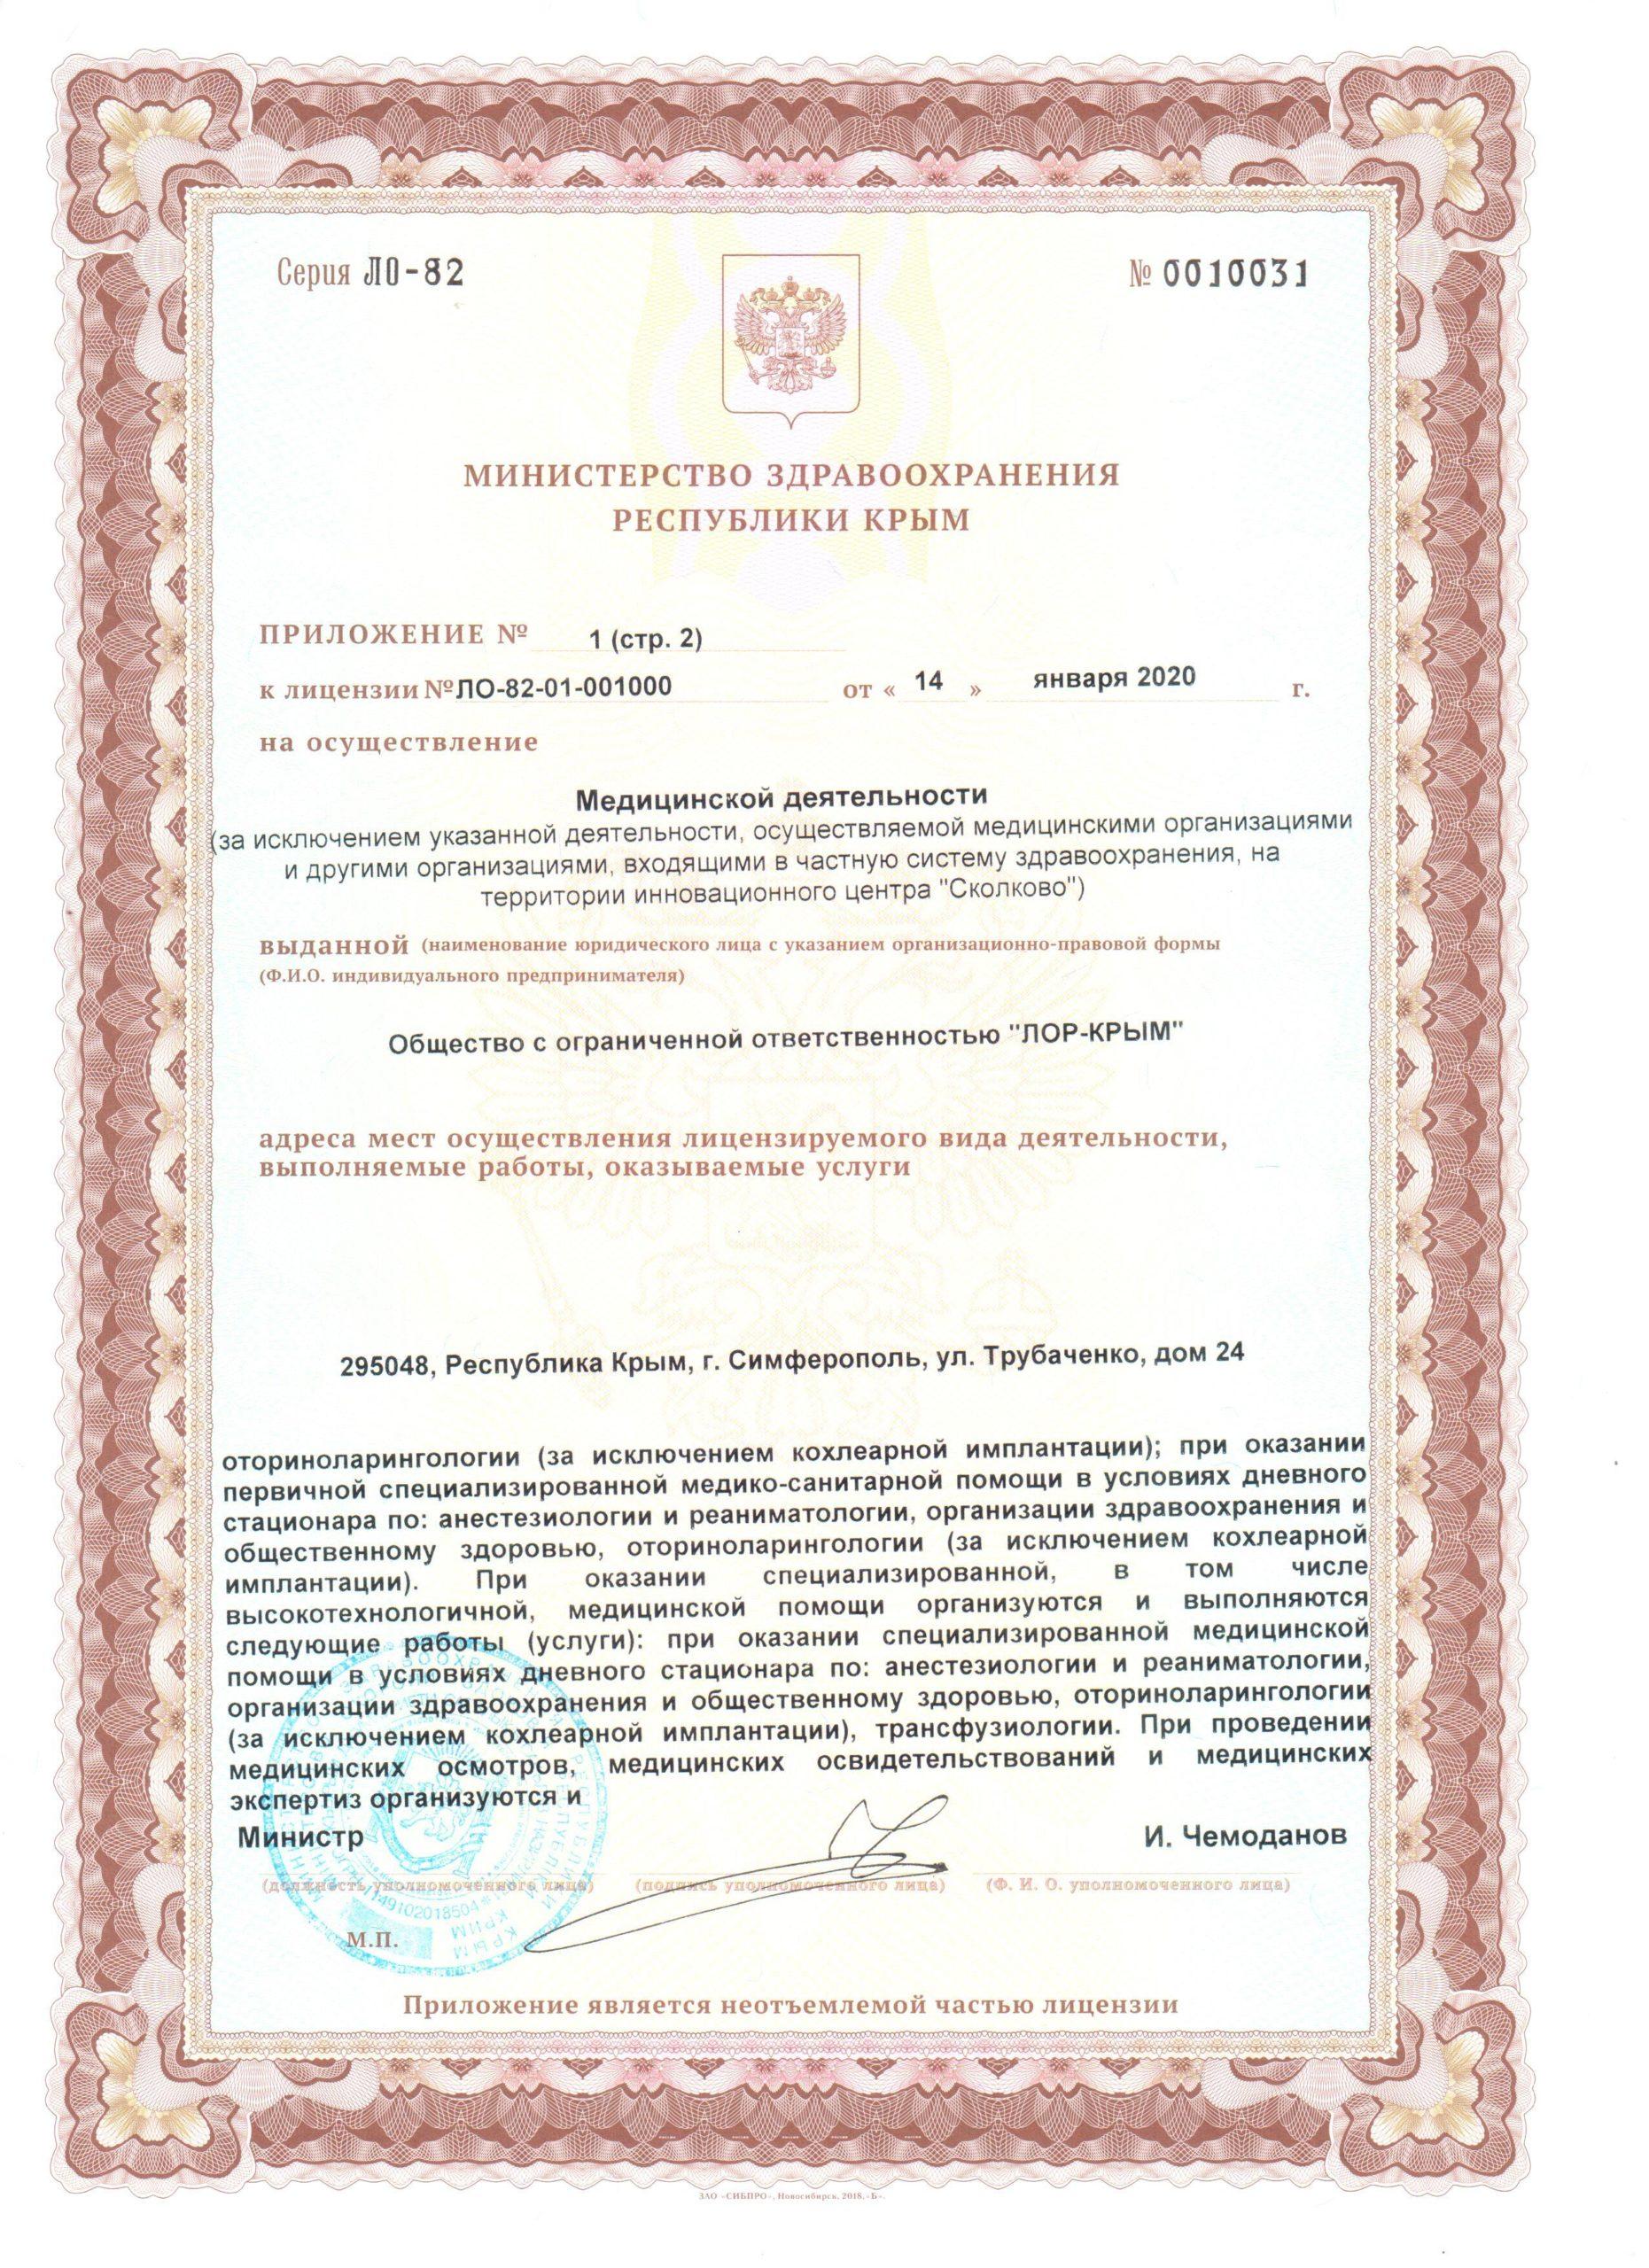 licenzija-ooo-lor-krym-4